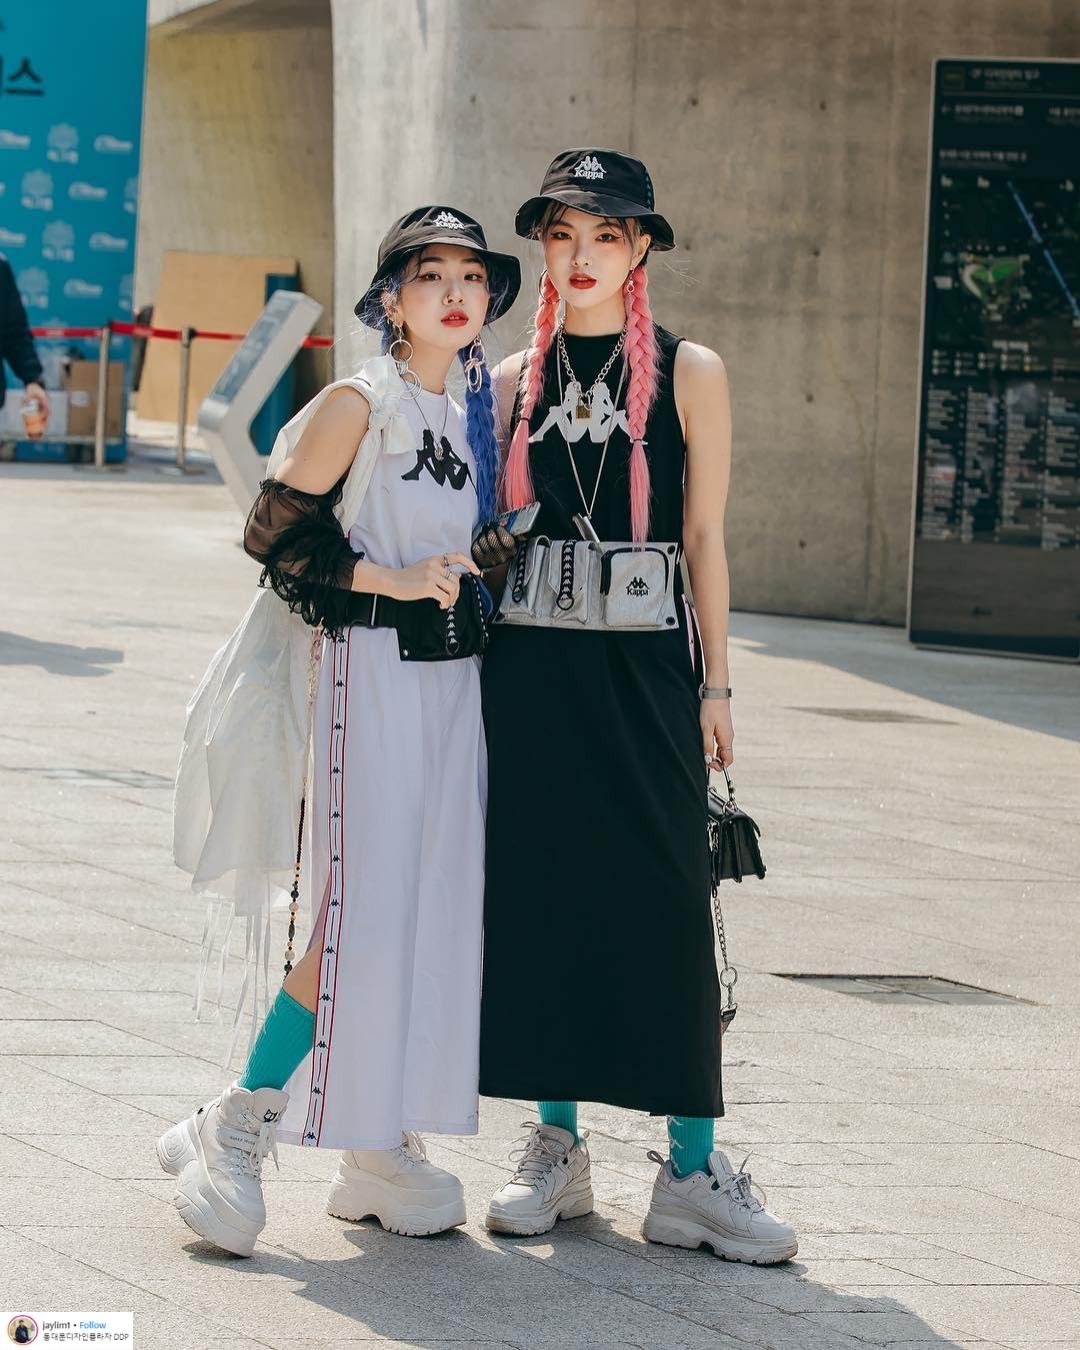 xu hướng thời trang mũ xô 2019 16